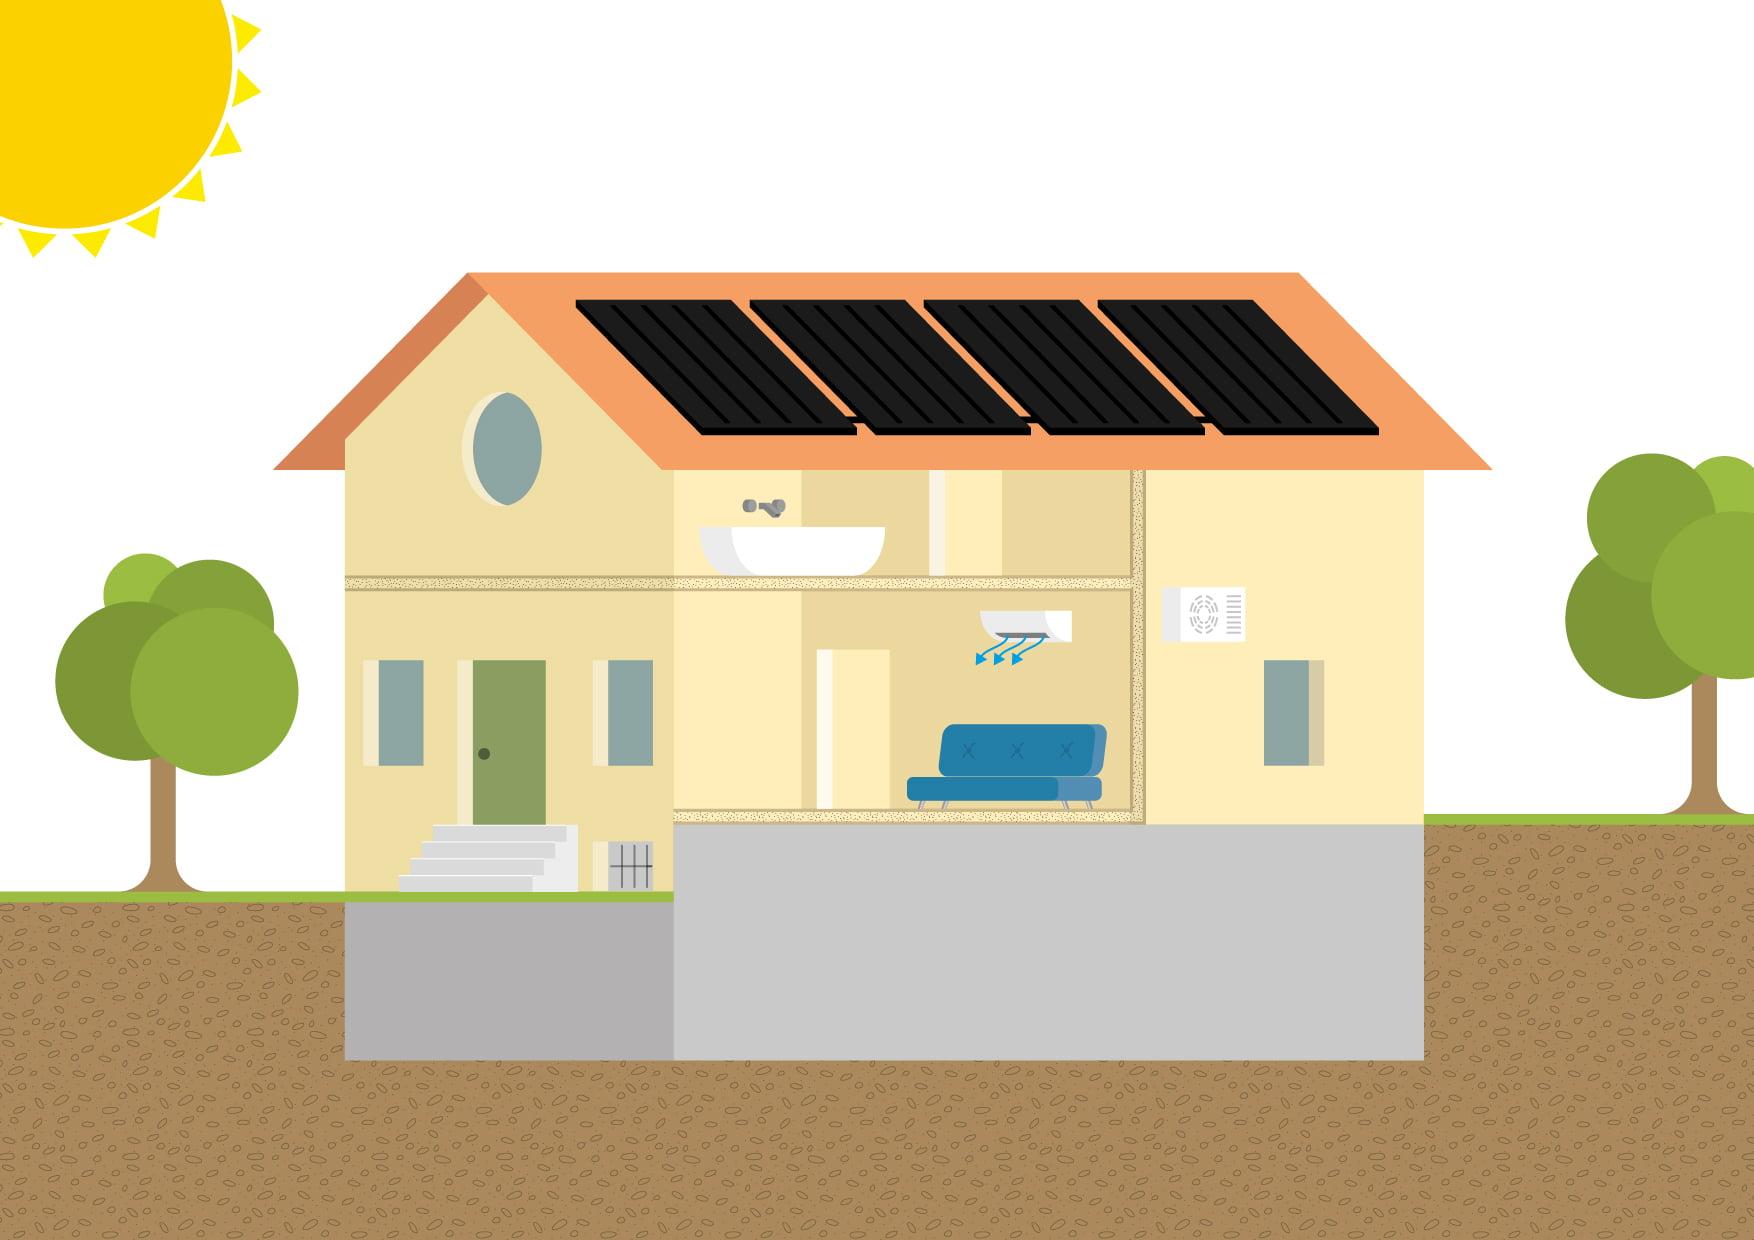 climatizzatore,climatizzatore ad alta efficienza energetica,riscaldare con la pompa di calore,installare un climatizzatore,climatizzatore a basso consumo